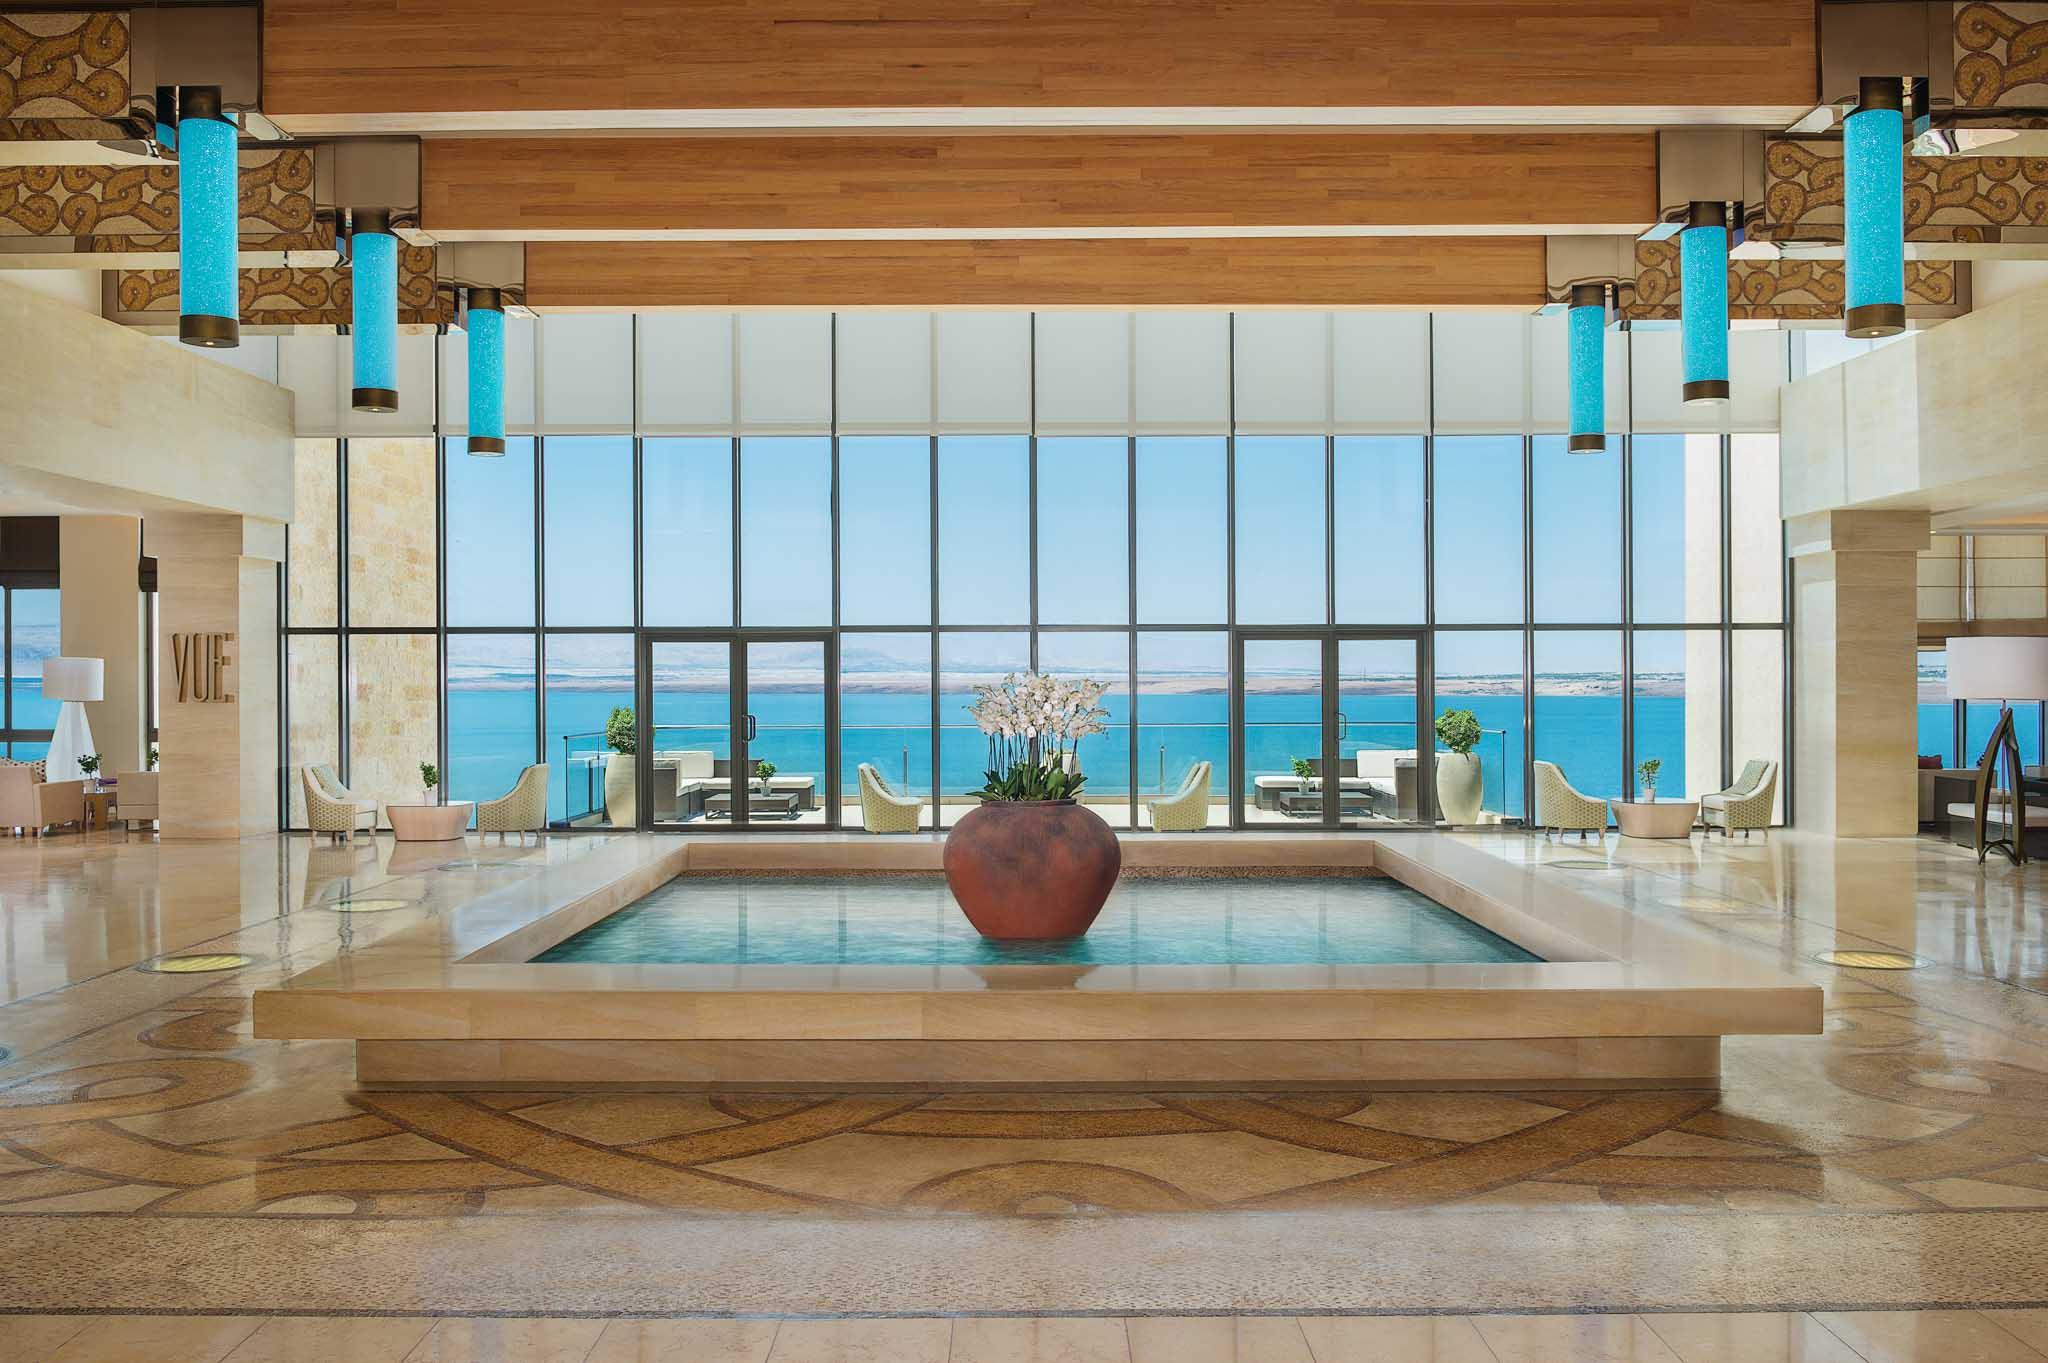 Hotel Photographer - Hilton Dead Sea Lobby